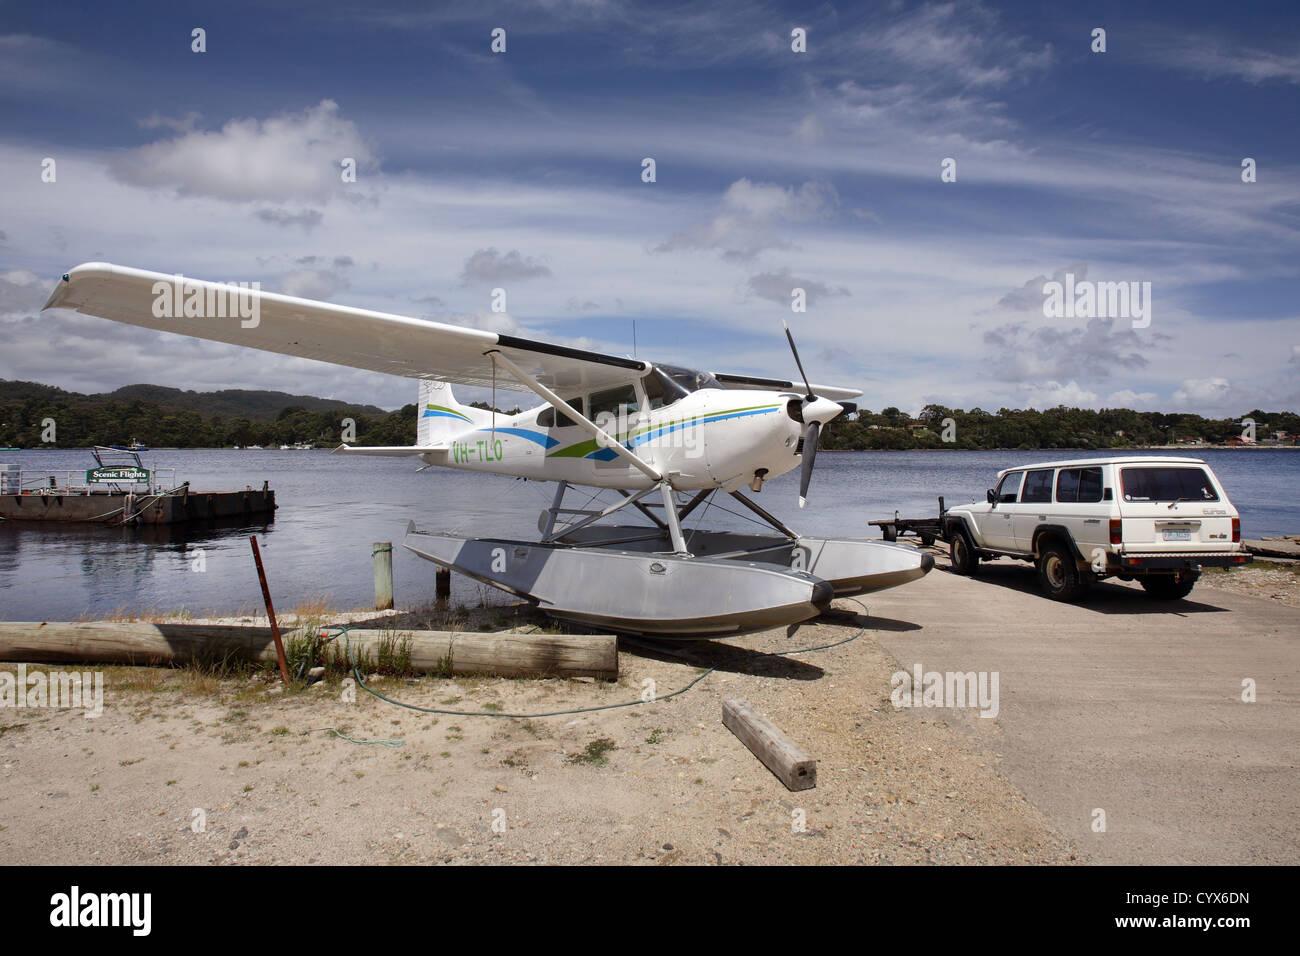 Seaplane taking tourists on scenic flight along the Gordon River. Strahan, West Tasmania, Australia. - Stock Image